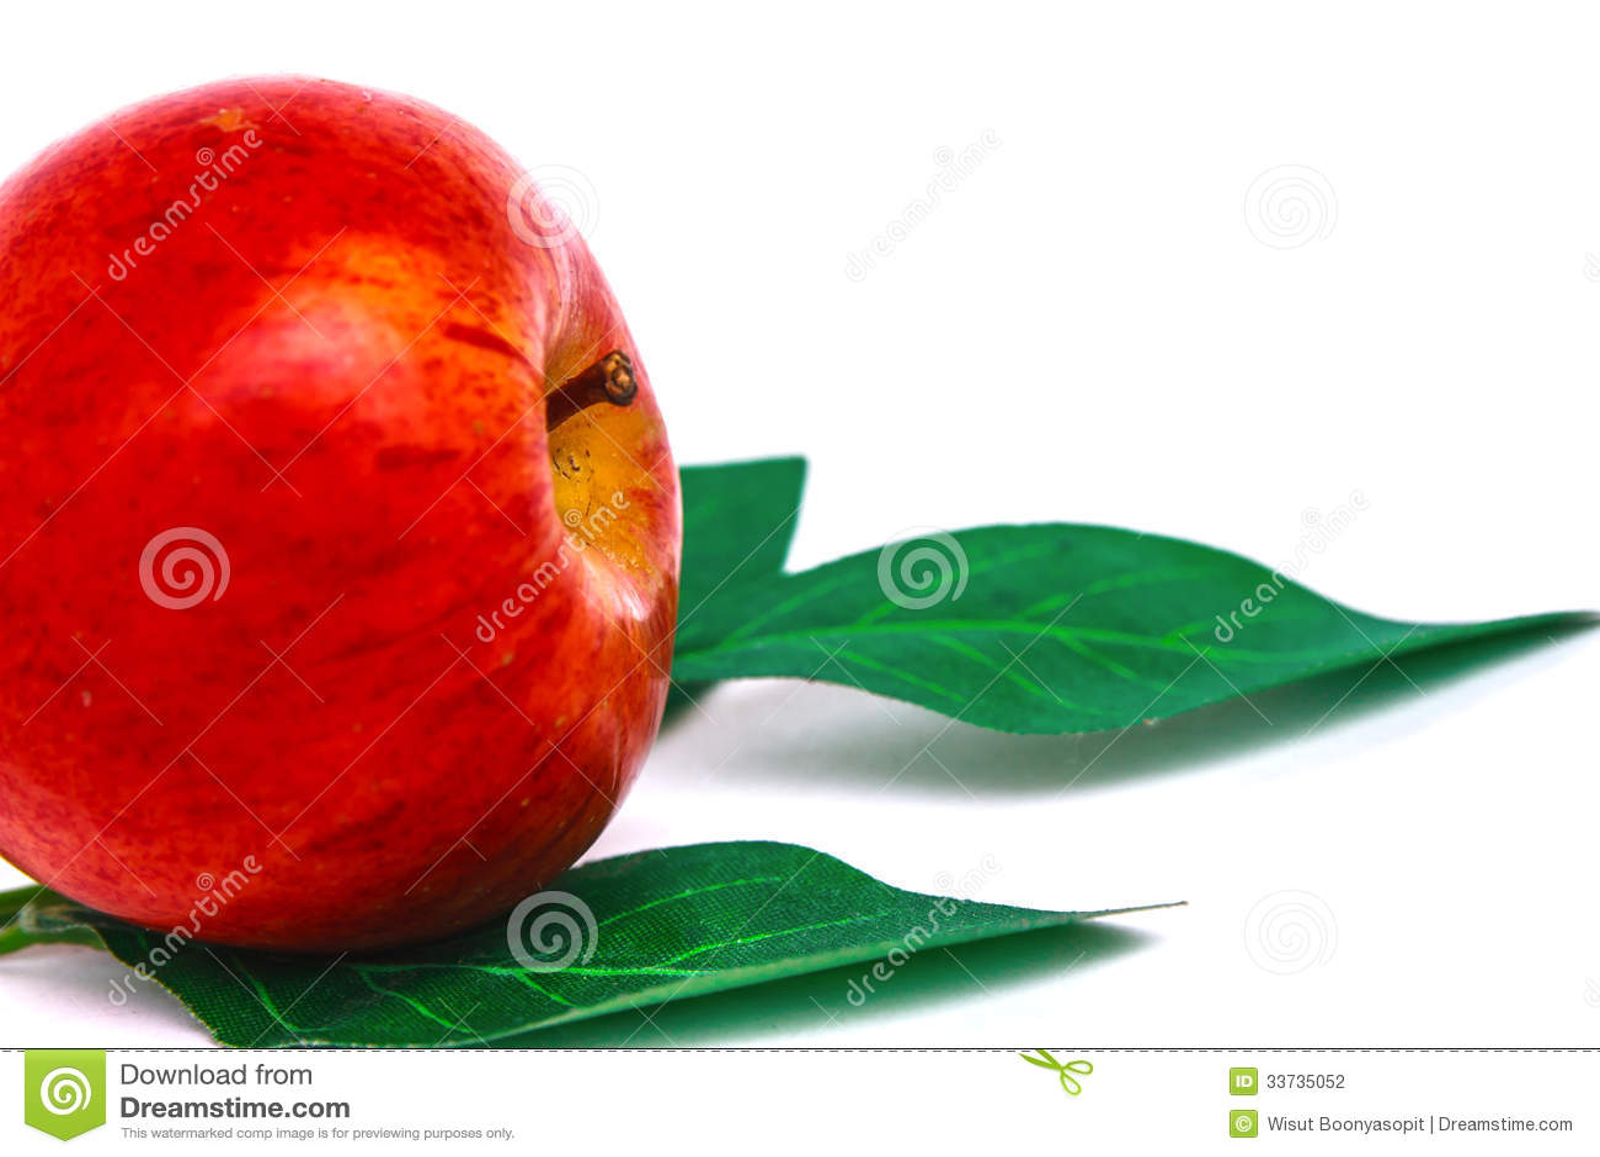 Красные листья яблока и зеленого цвета